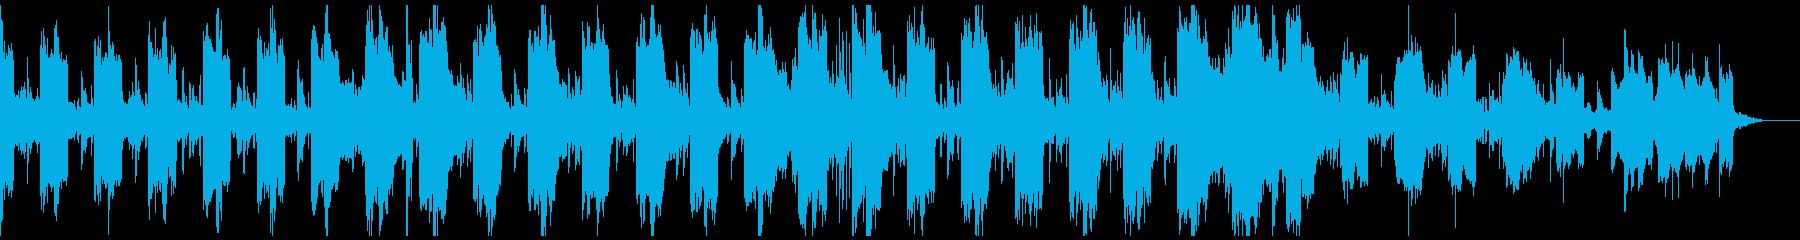 フューチャーベース風のゲーム用BGMの再生済みの波形